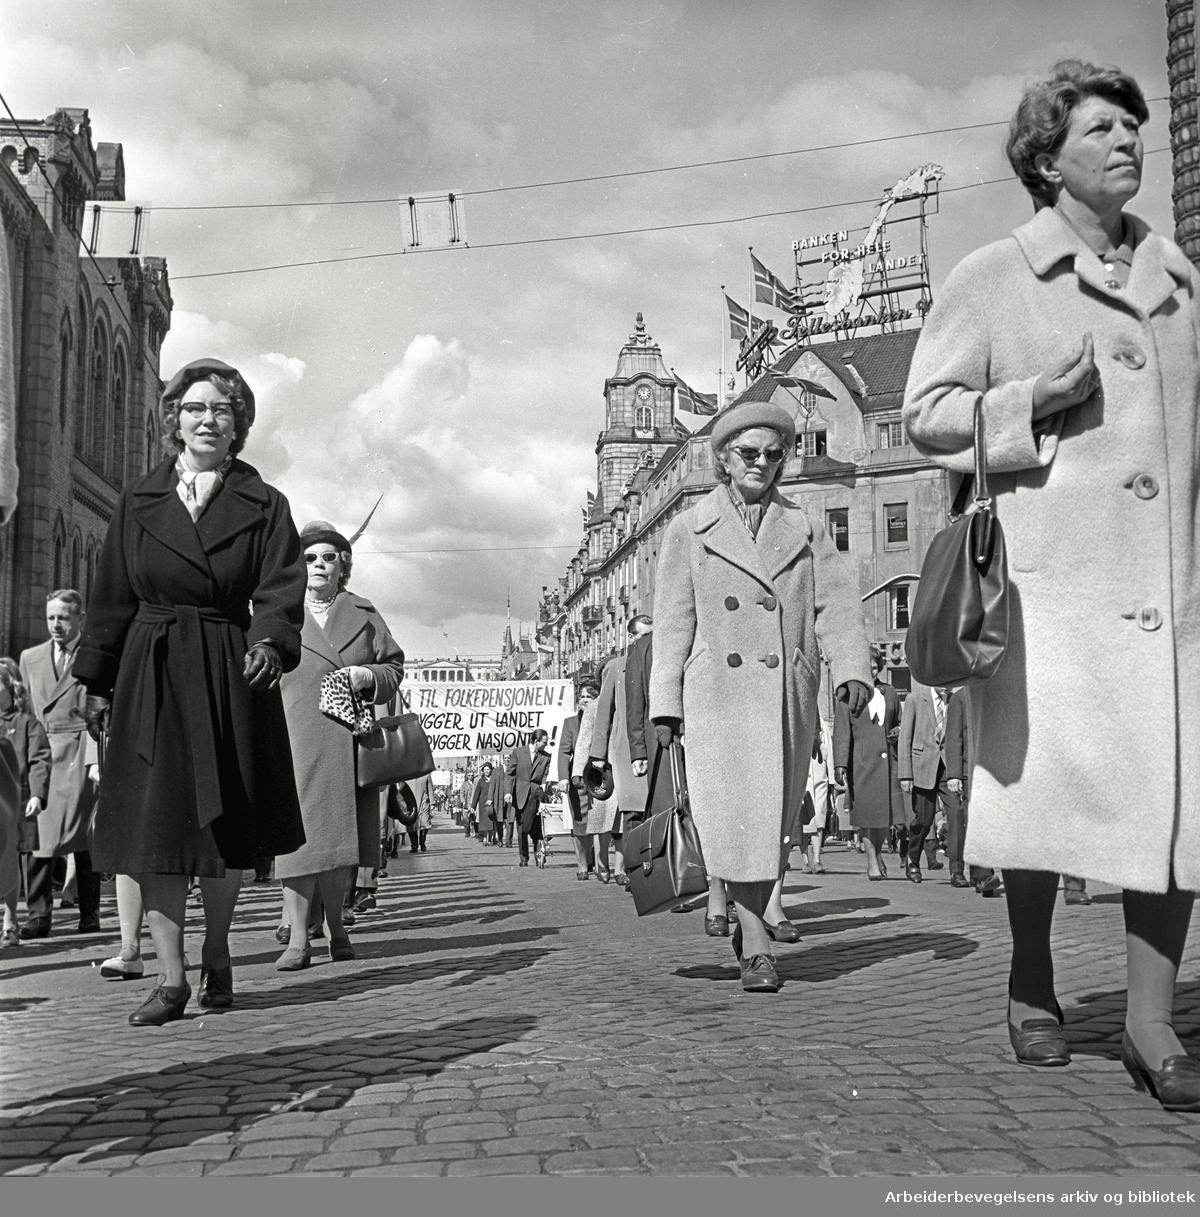 1. mai 1964 i Oslo.Demonstrasjonstoget i Karl Johans gate.Transparent: Ja til folkepensjonen!.Vi bygger ut landet og trygger nasjonen